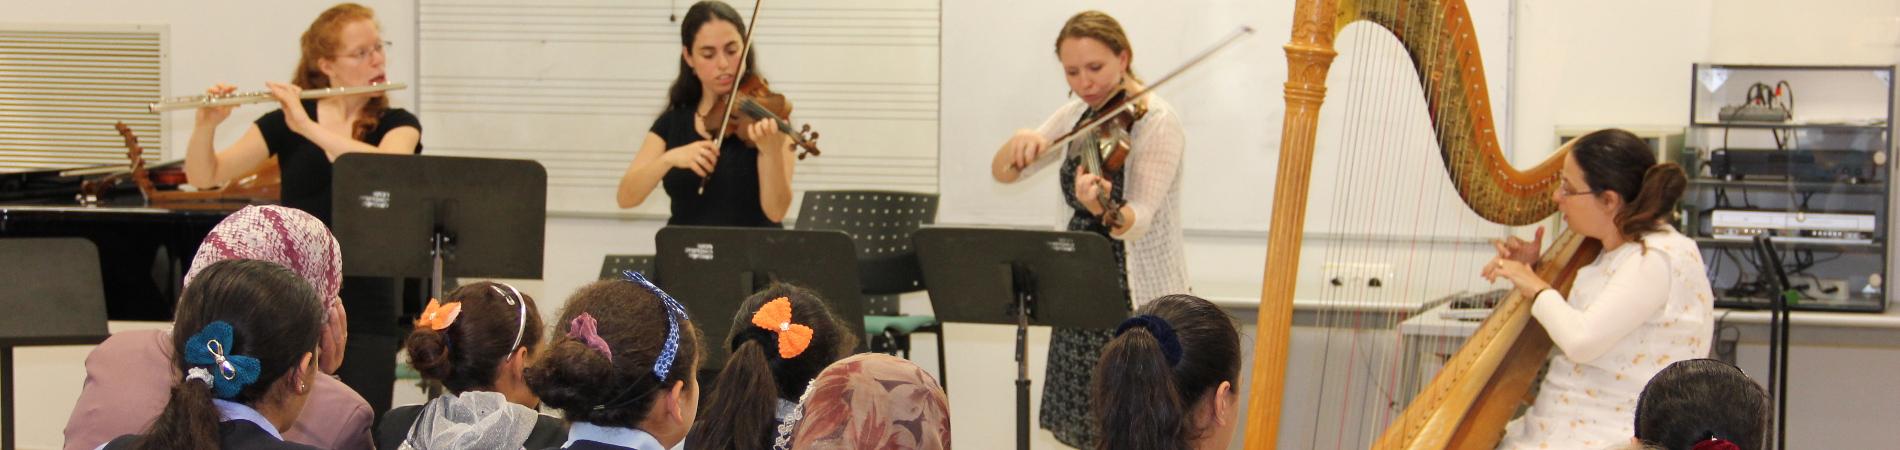 قسم التربية الموسيقية